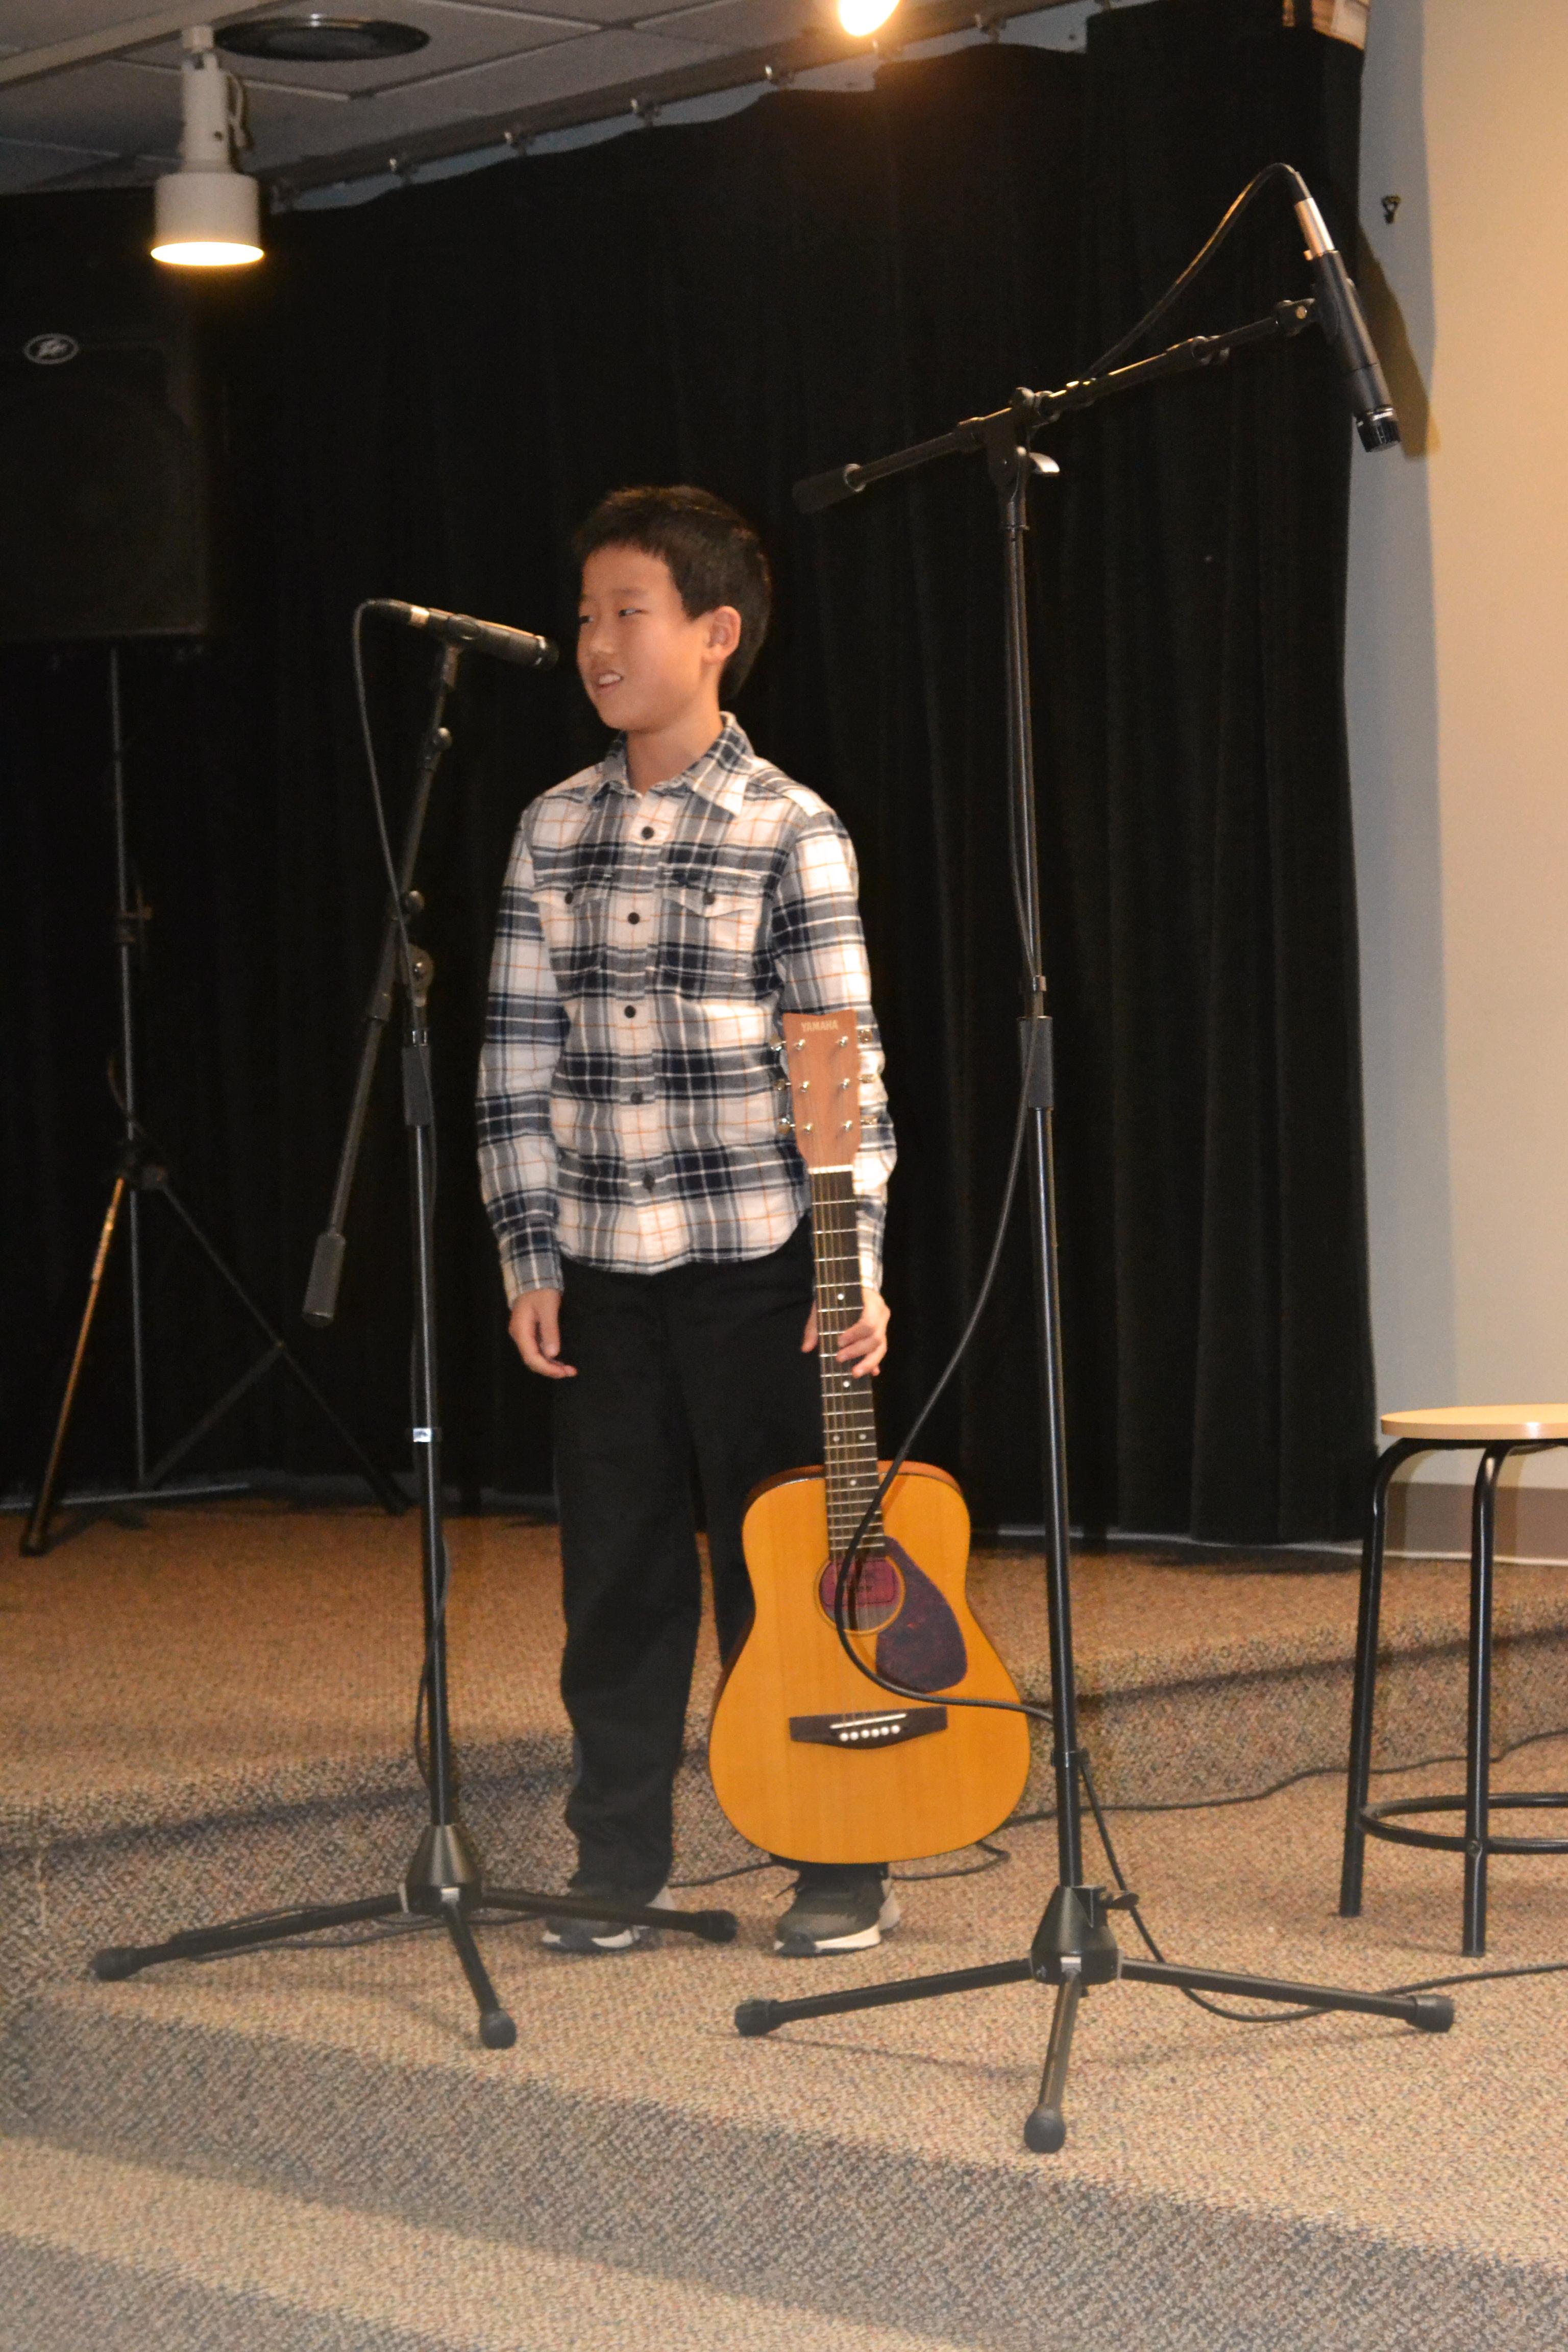 Guitar Recital Introduction